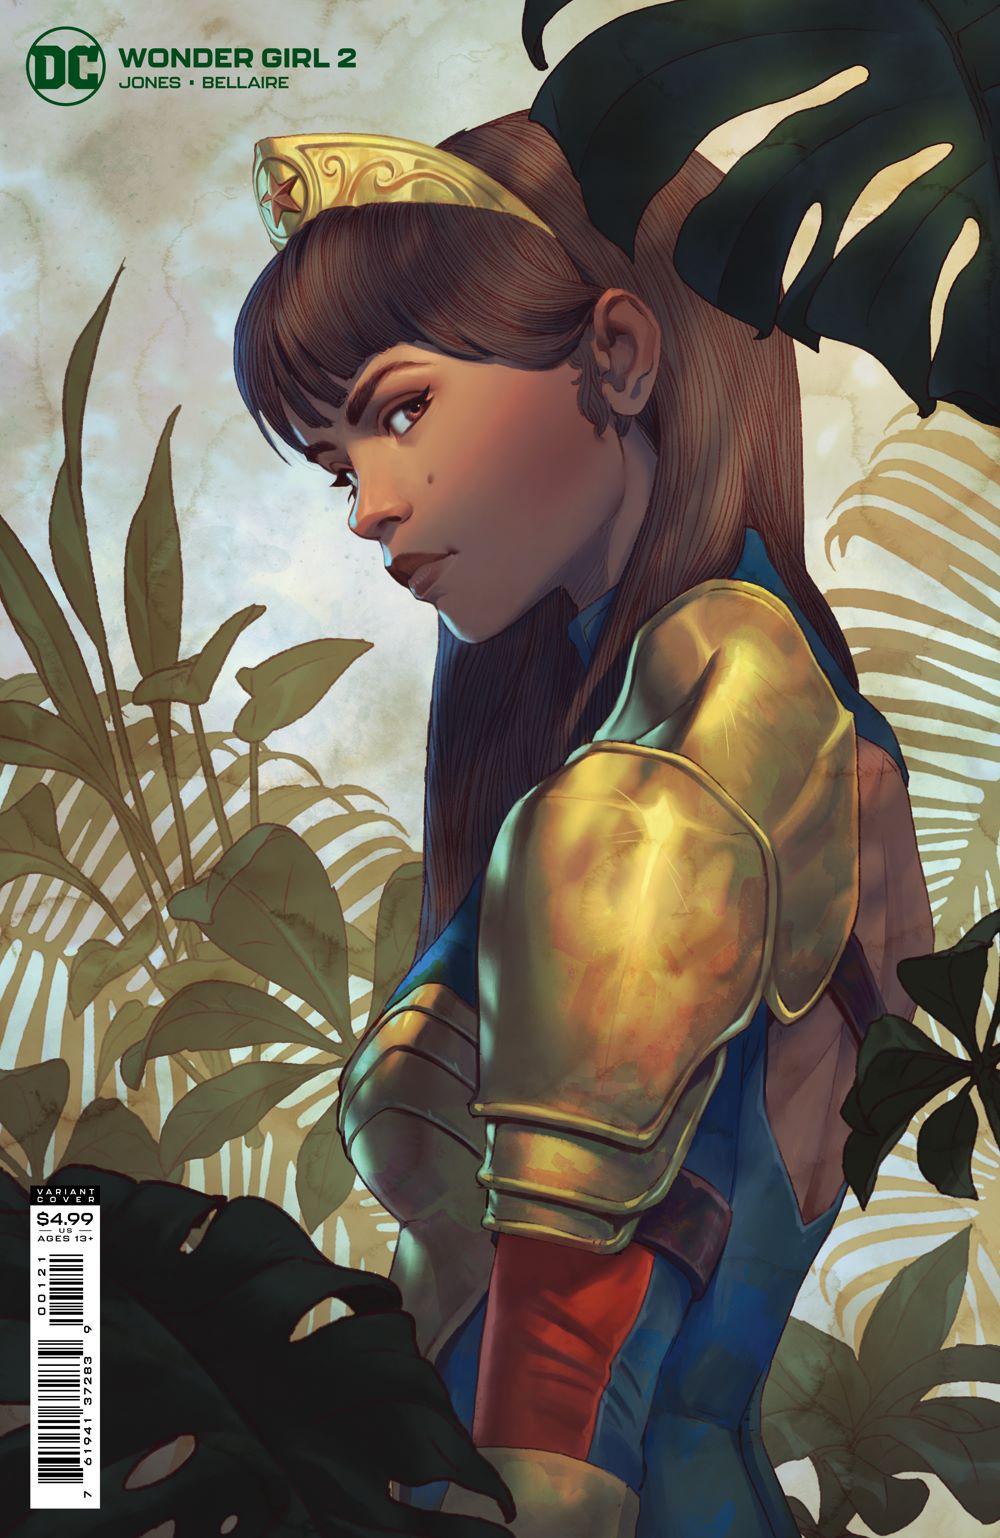 WONDERGIRL_Cv2_var DC Comics June 2021 Solicitations